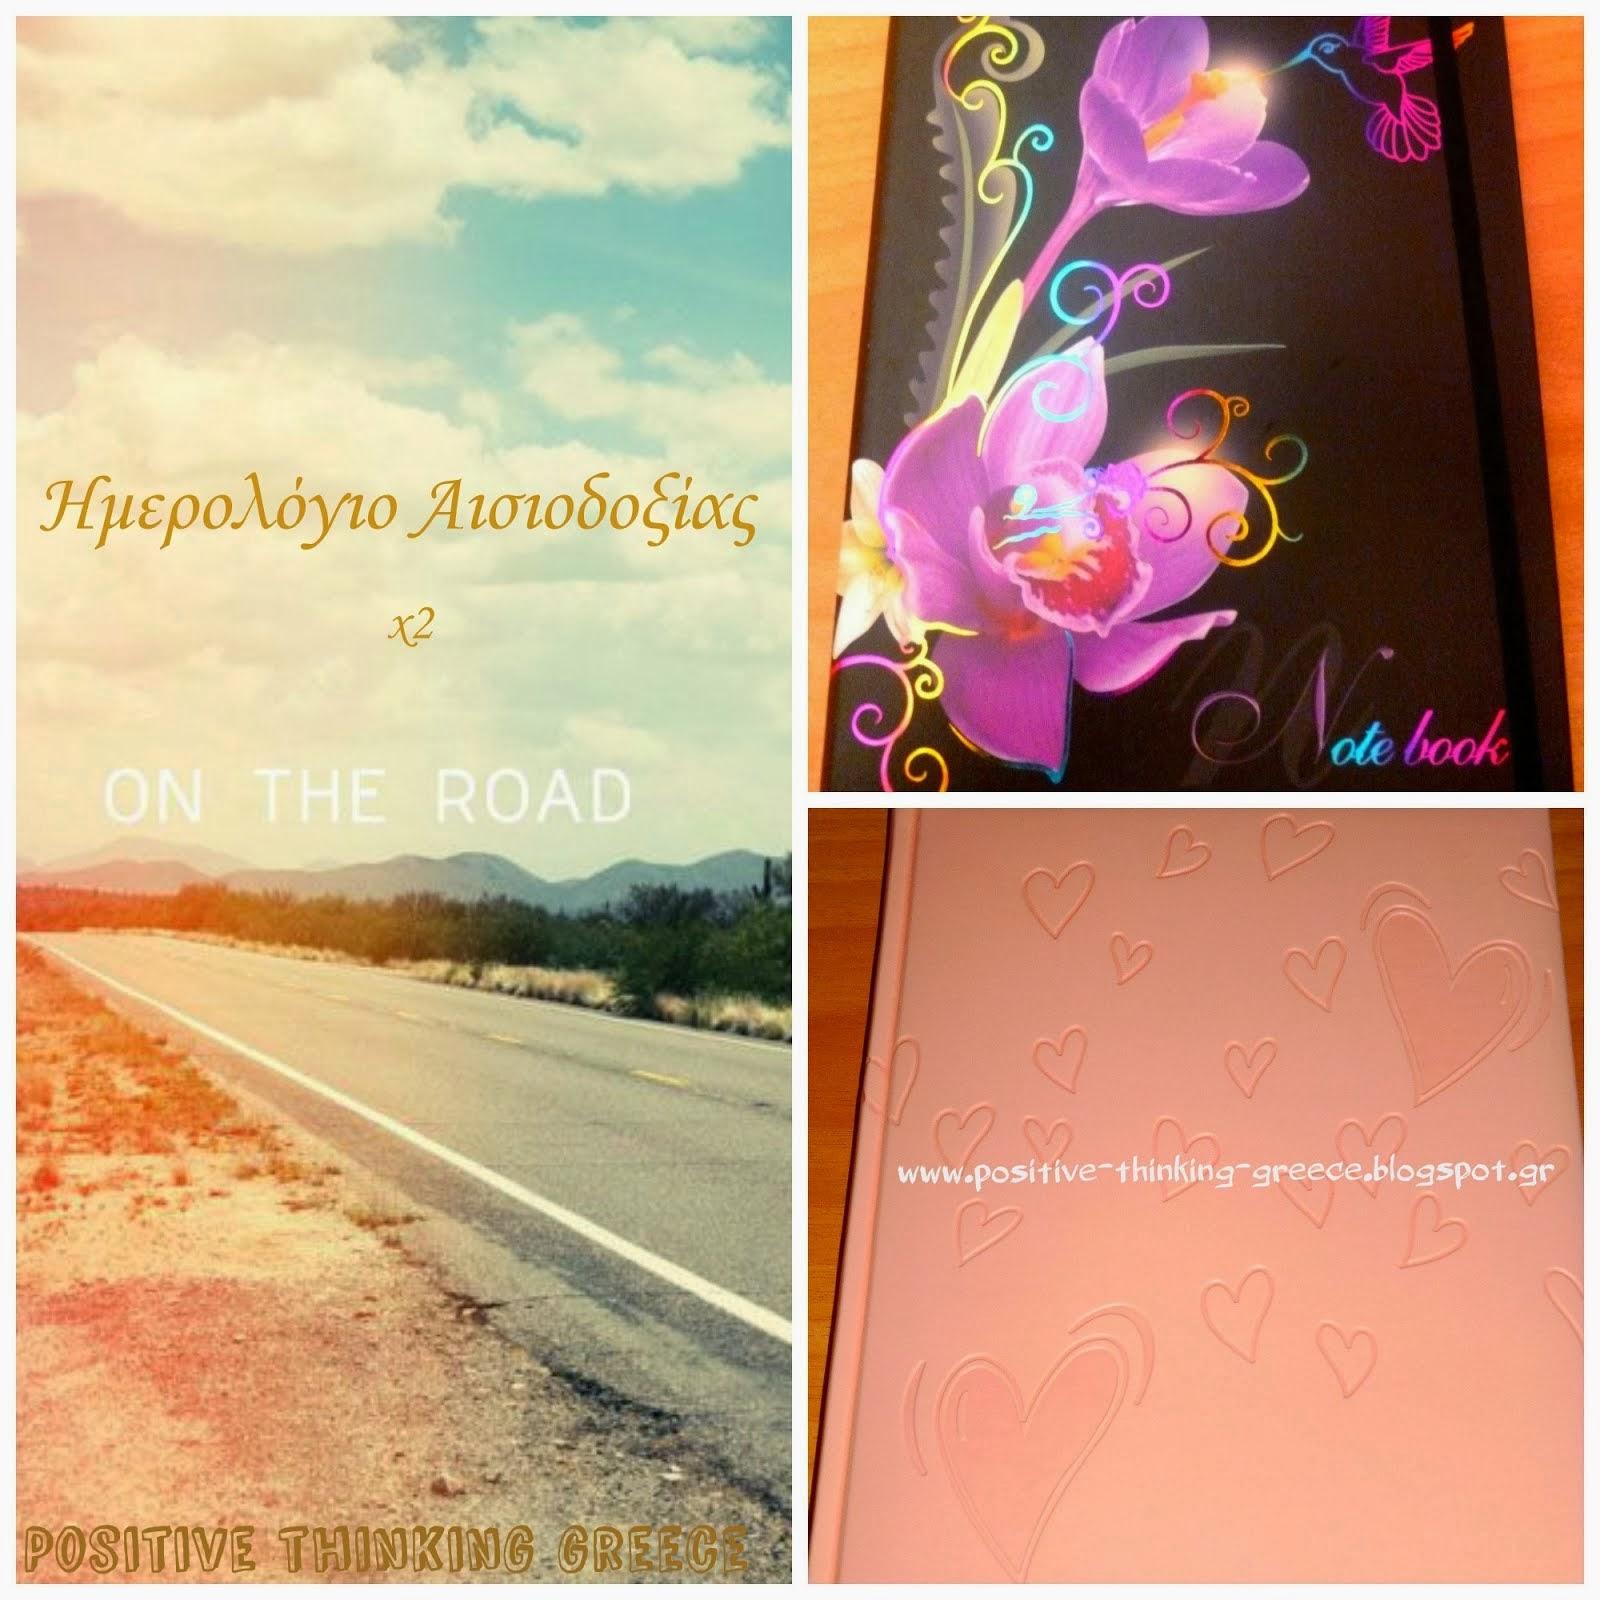 Ημερολόγιο Αισιοδοξίας on the road..!